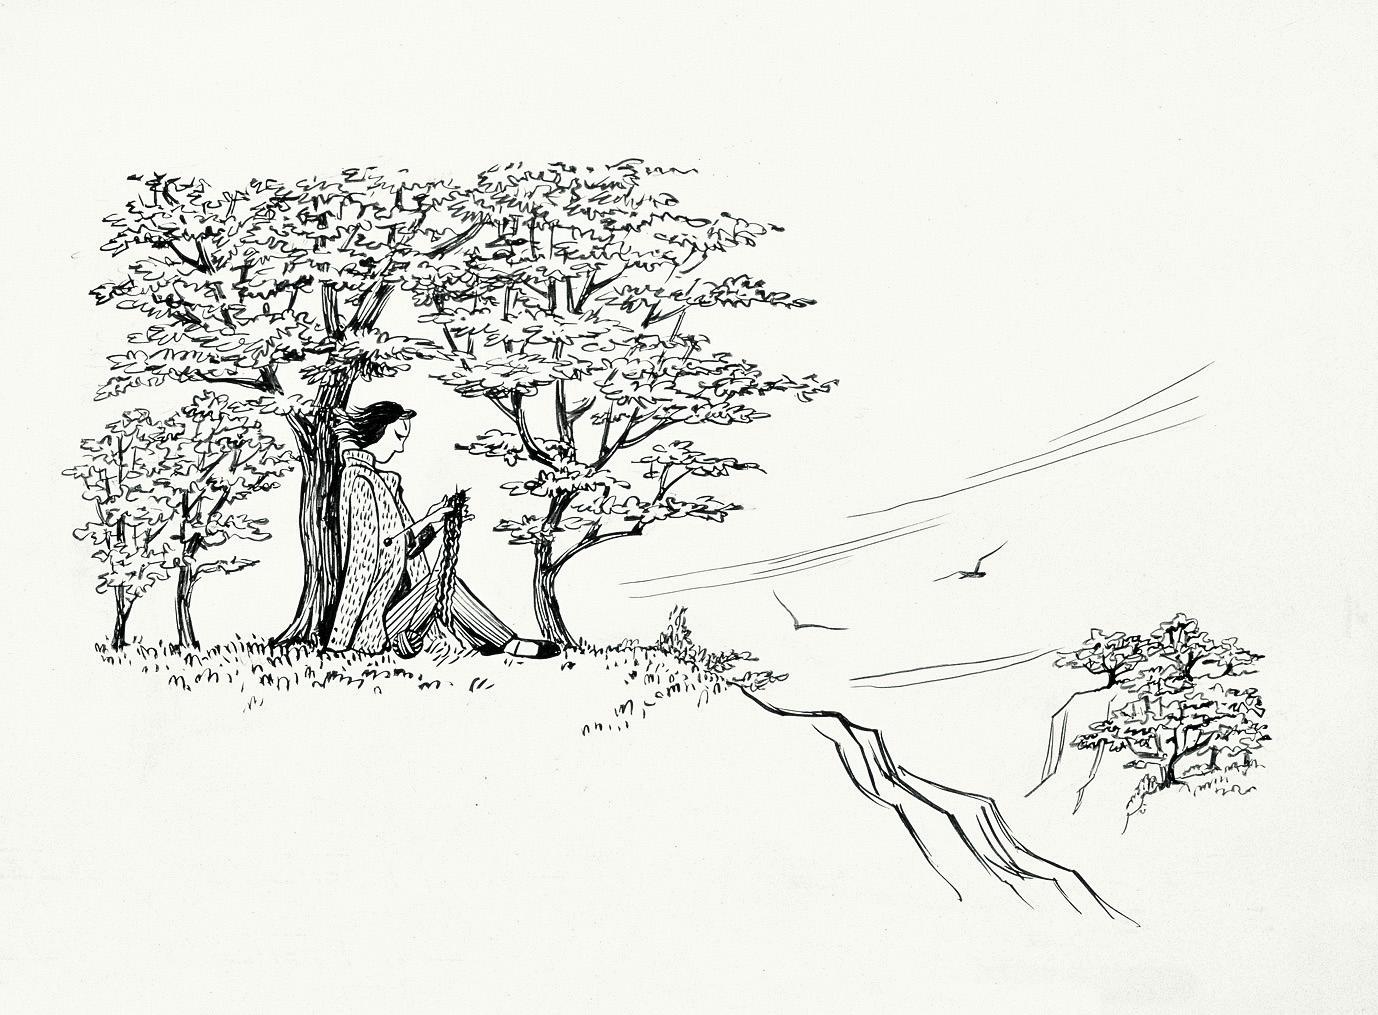 """深圳美术馆馆藏丁聪《东江百日杂忆》组画暨专题美术作品展""""将展出"""